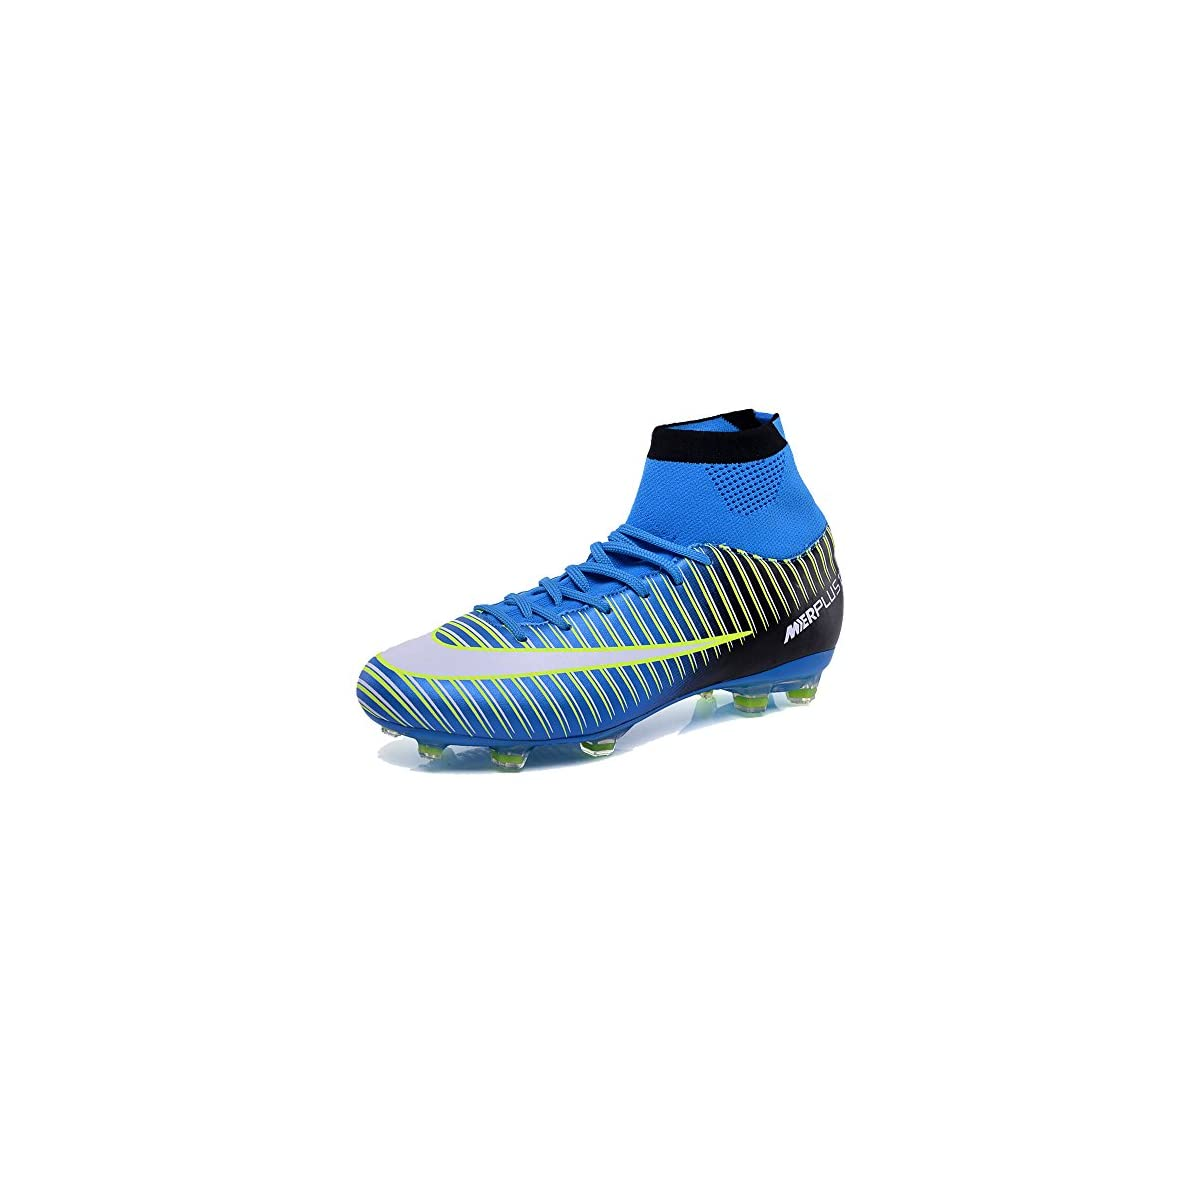 KAMIXIN Football Boots Men s High Top Soccer Training Shoes Kids ... 734739d25